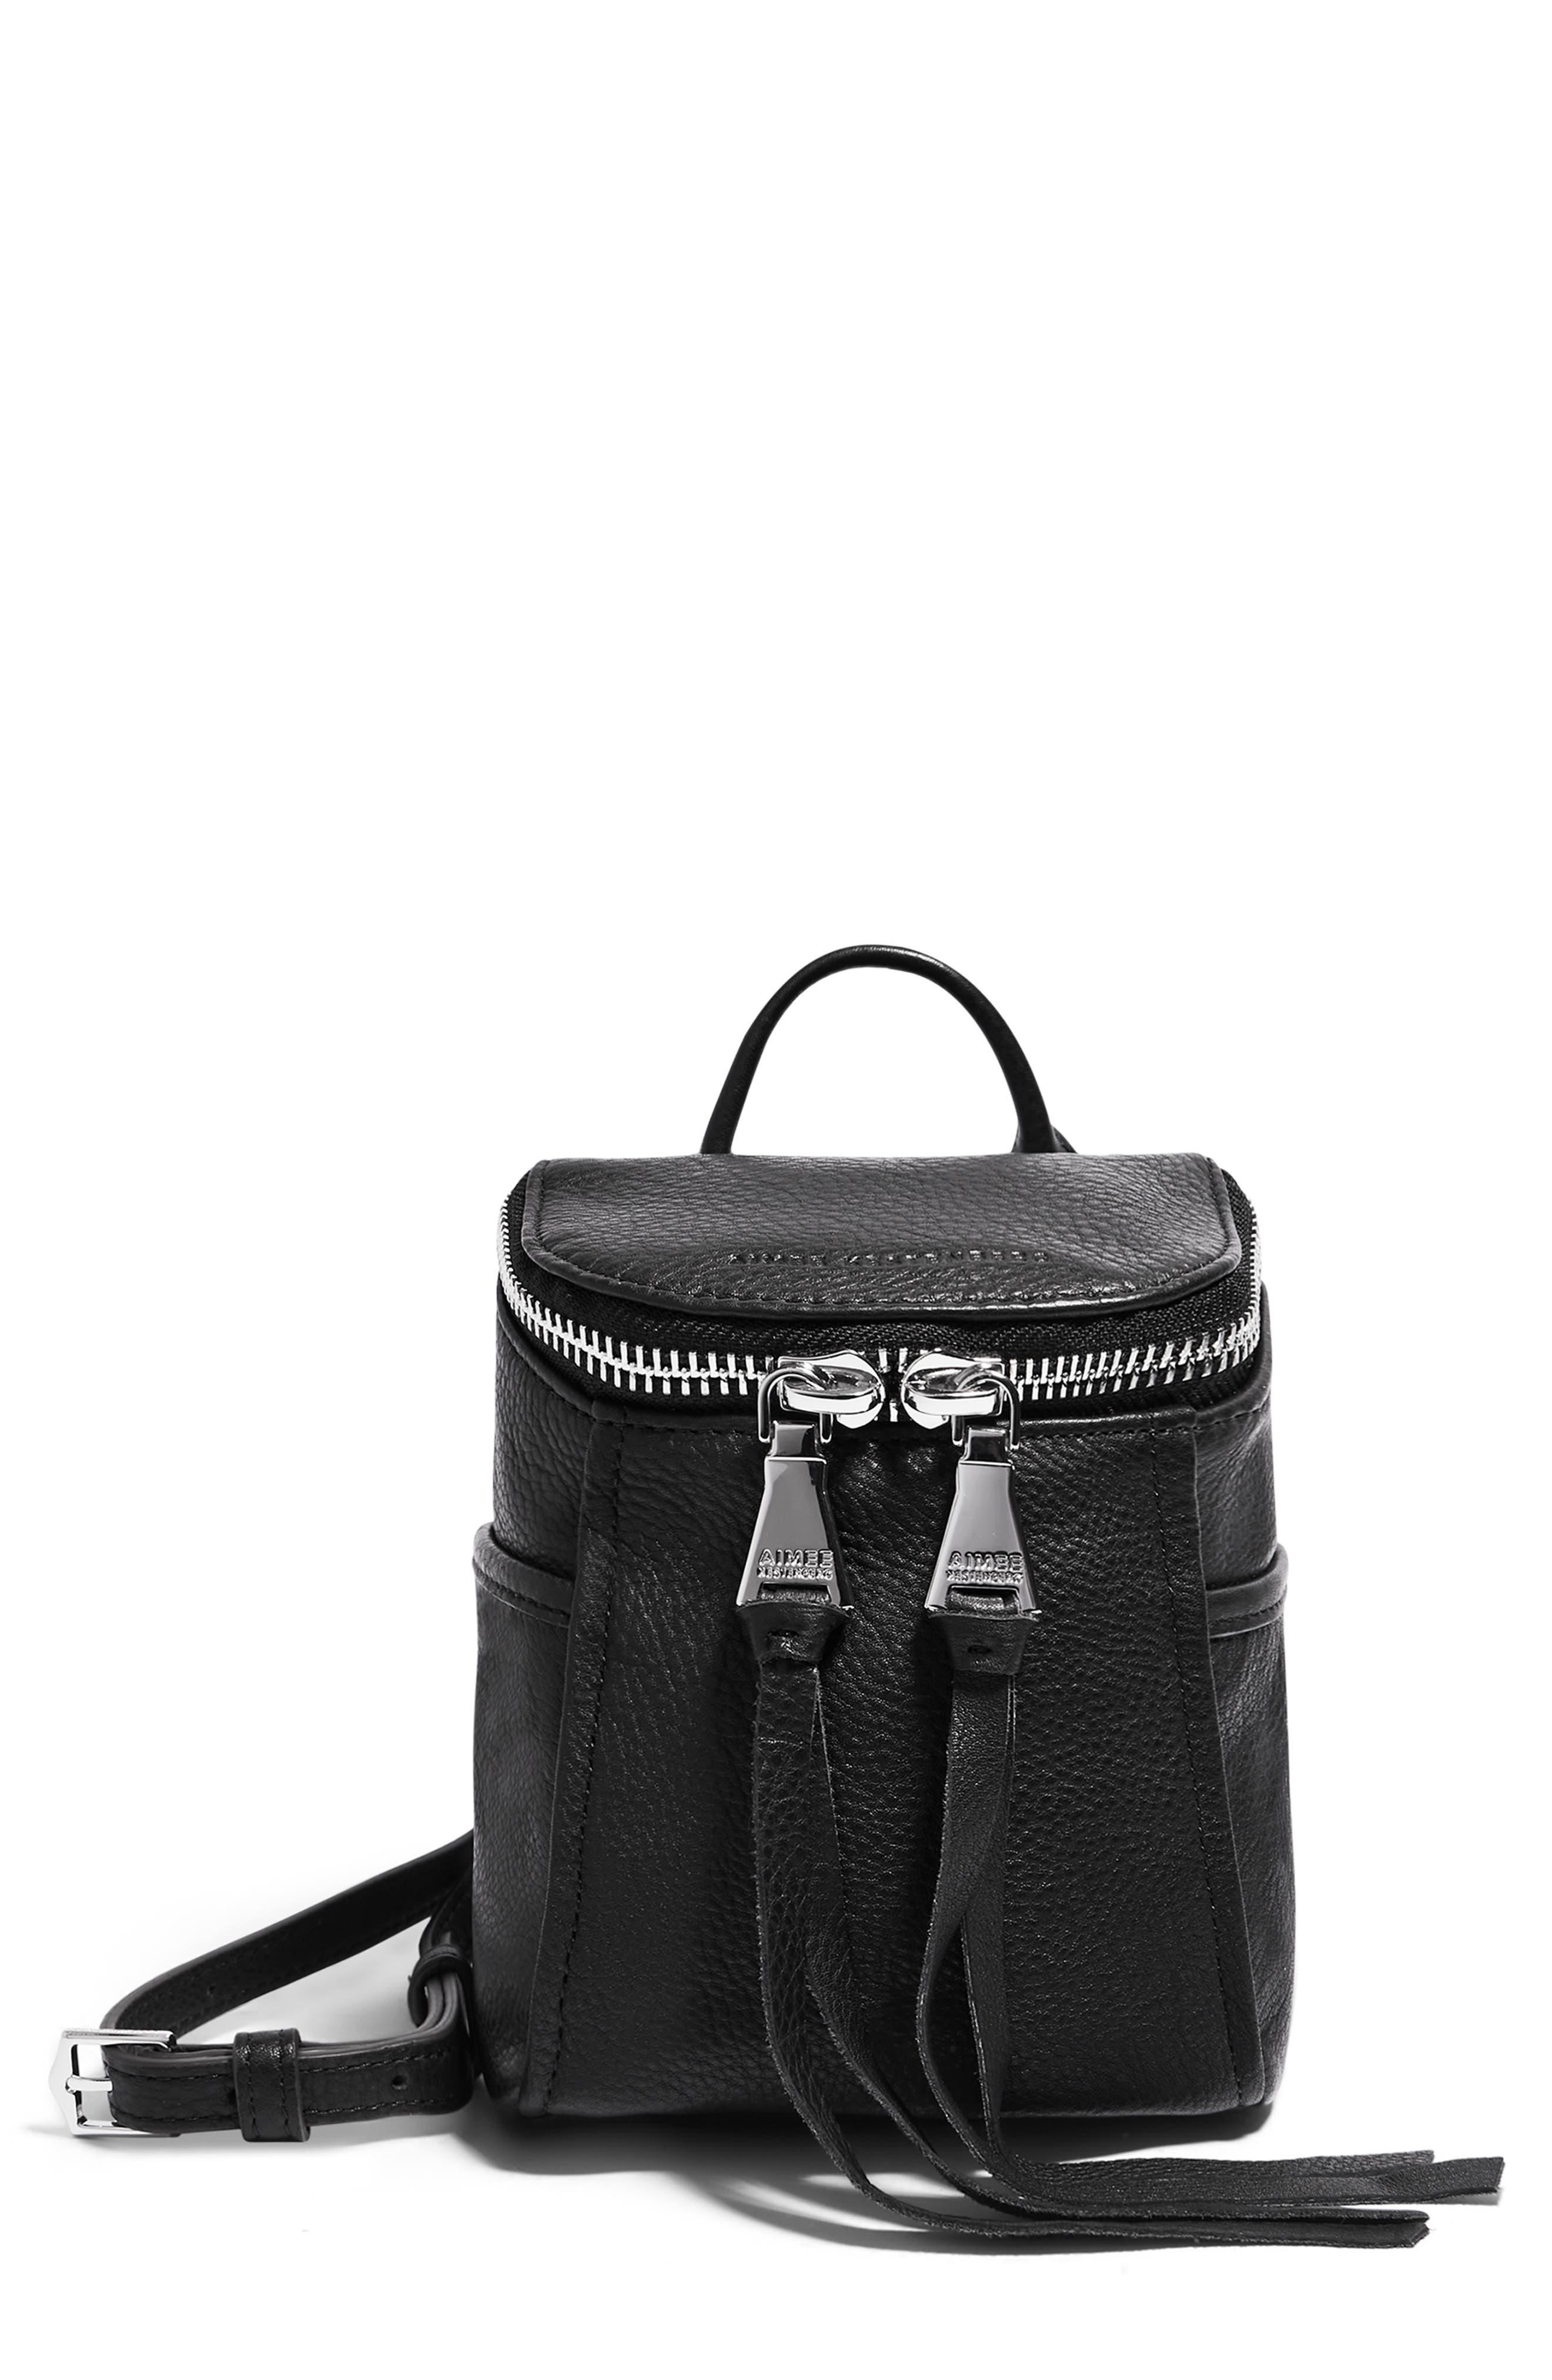 Mini Made To Fly Crossbody Bag